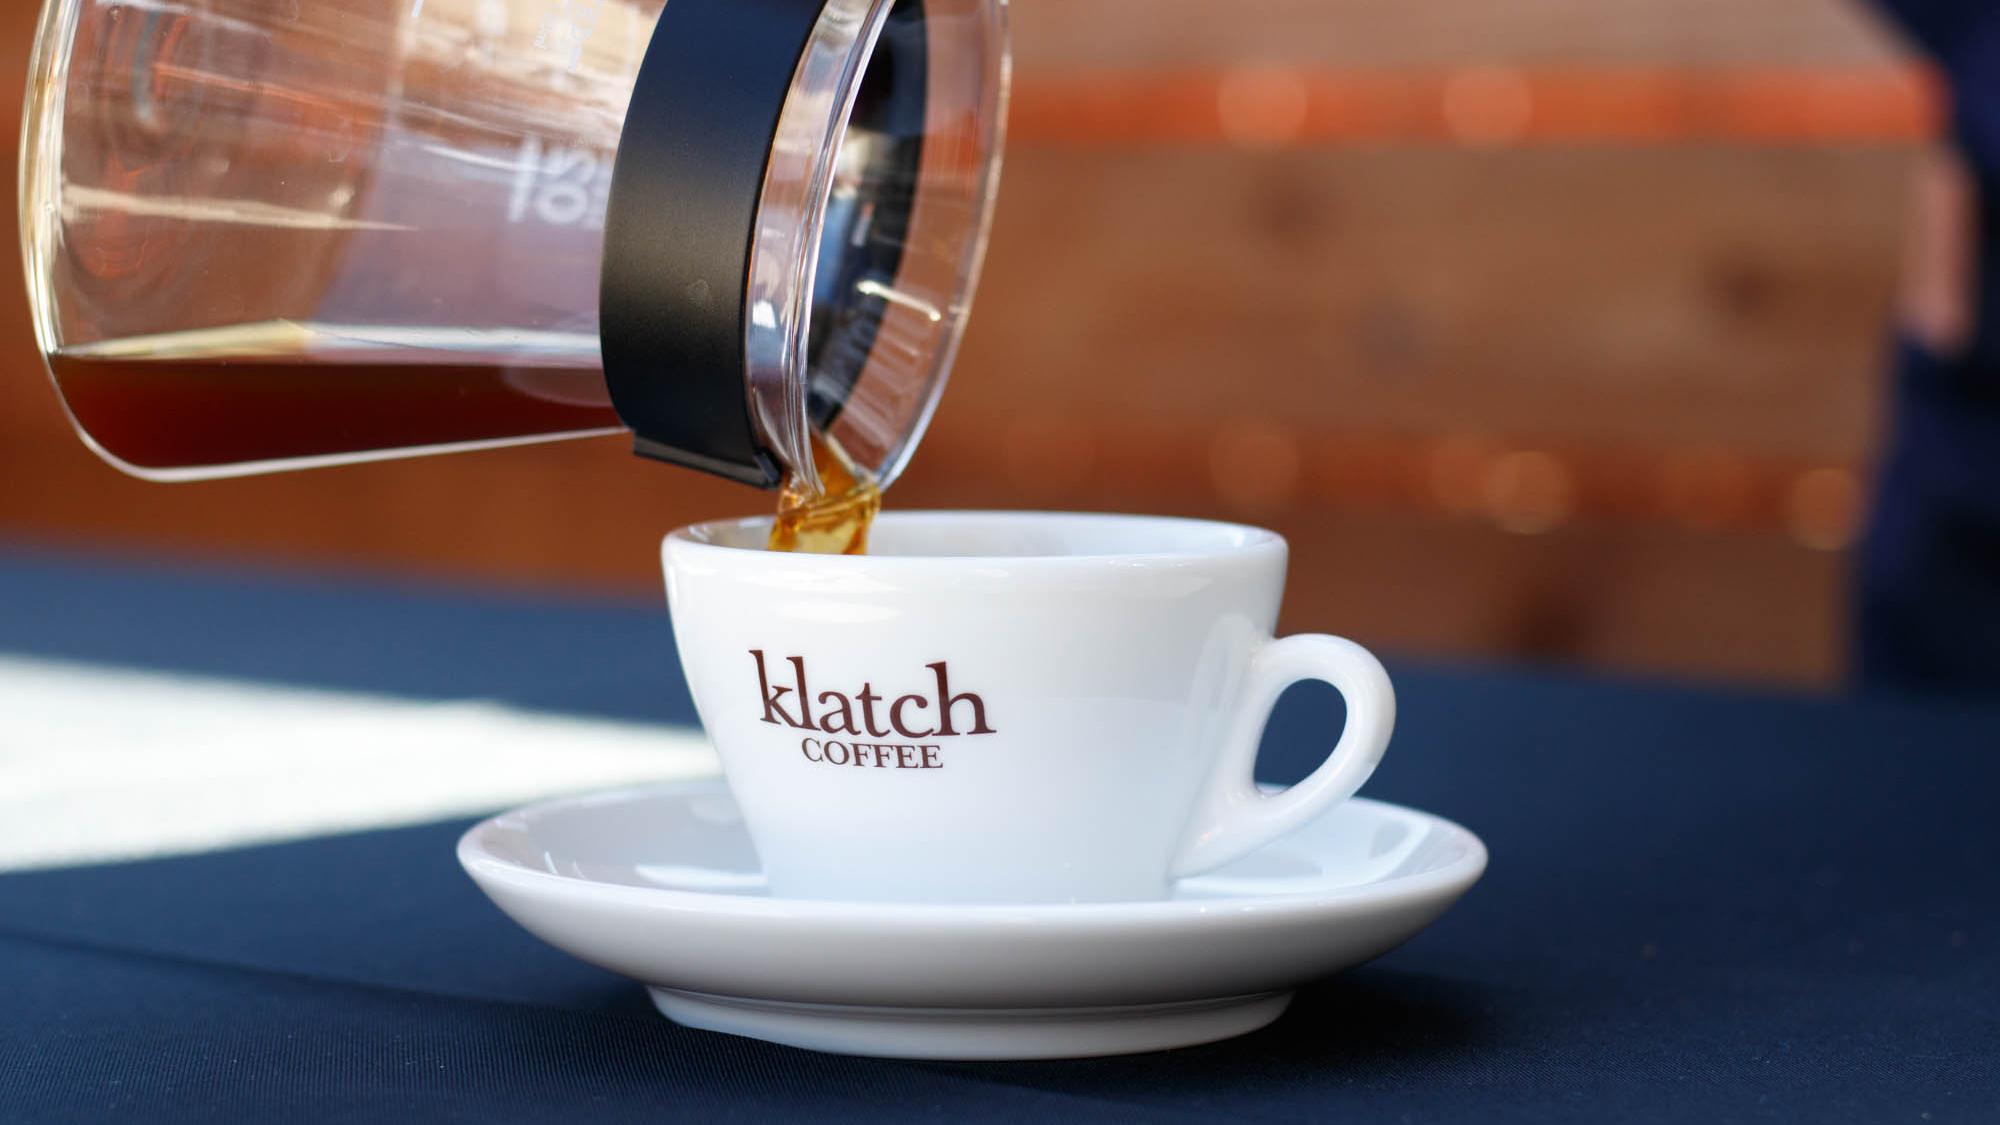 صورة اغلى قهوة بالعالم , هيا ادمان كثير من الاشخاص